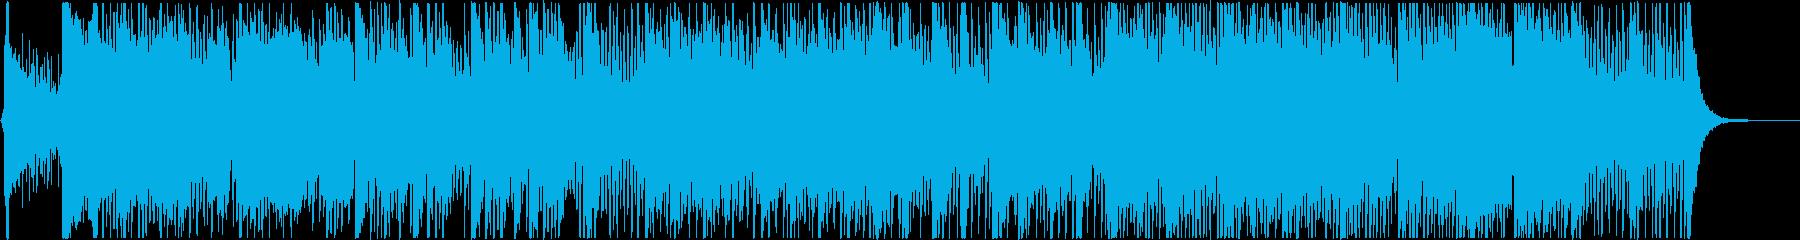 和楽器を中心とした穏やかで少し厳かな曲の再生済みの波形